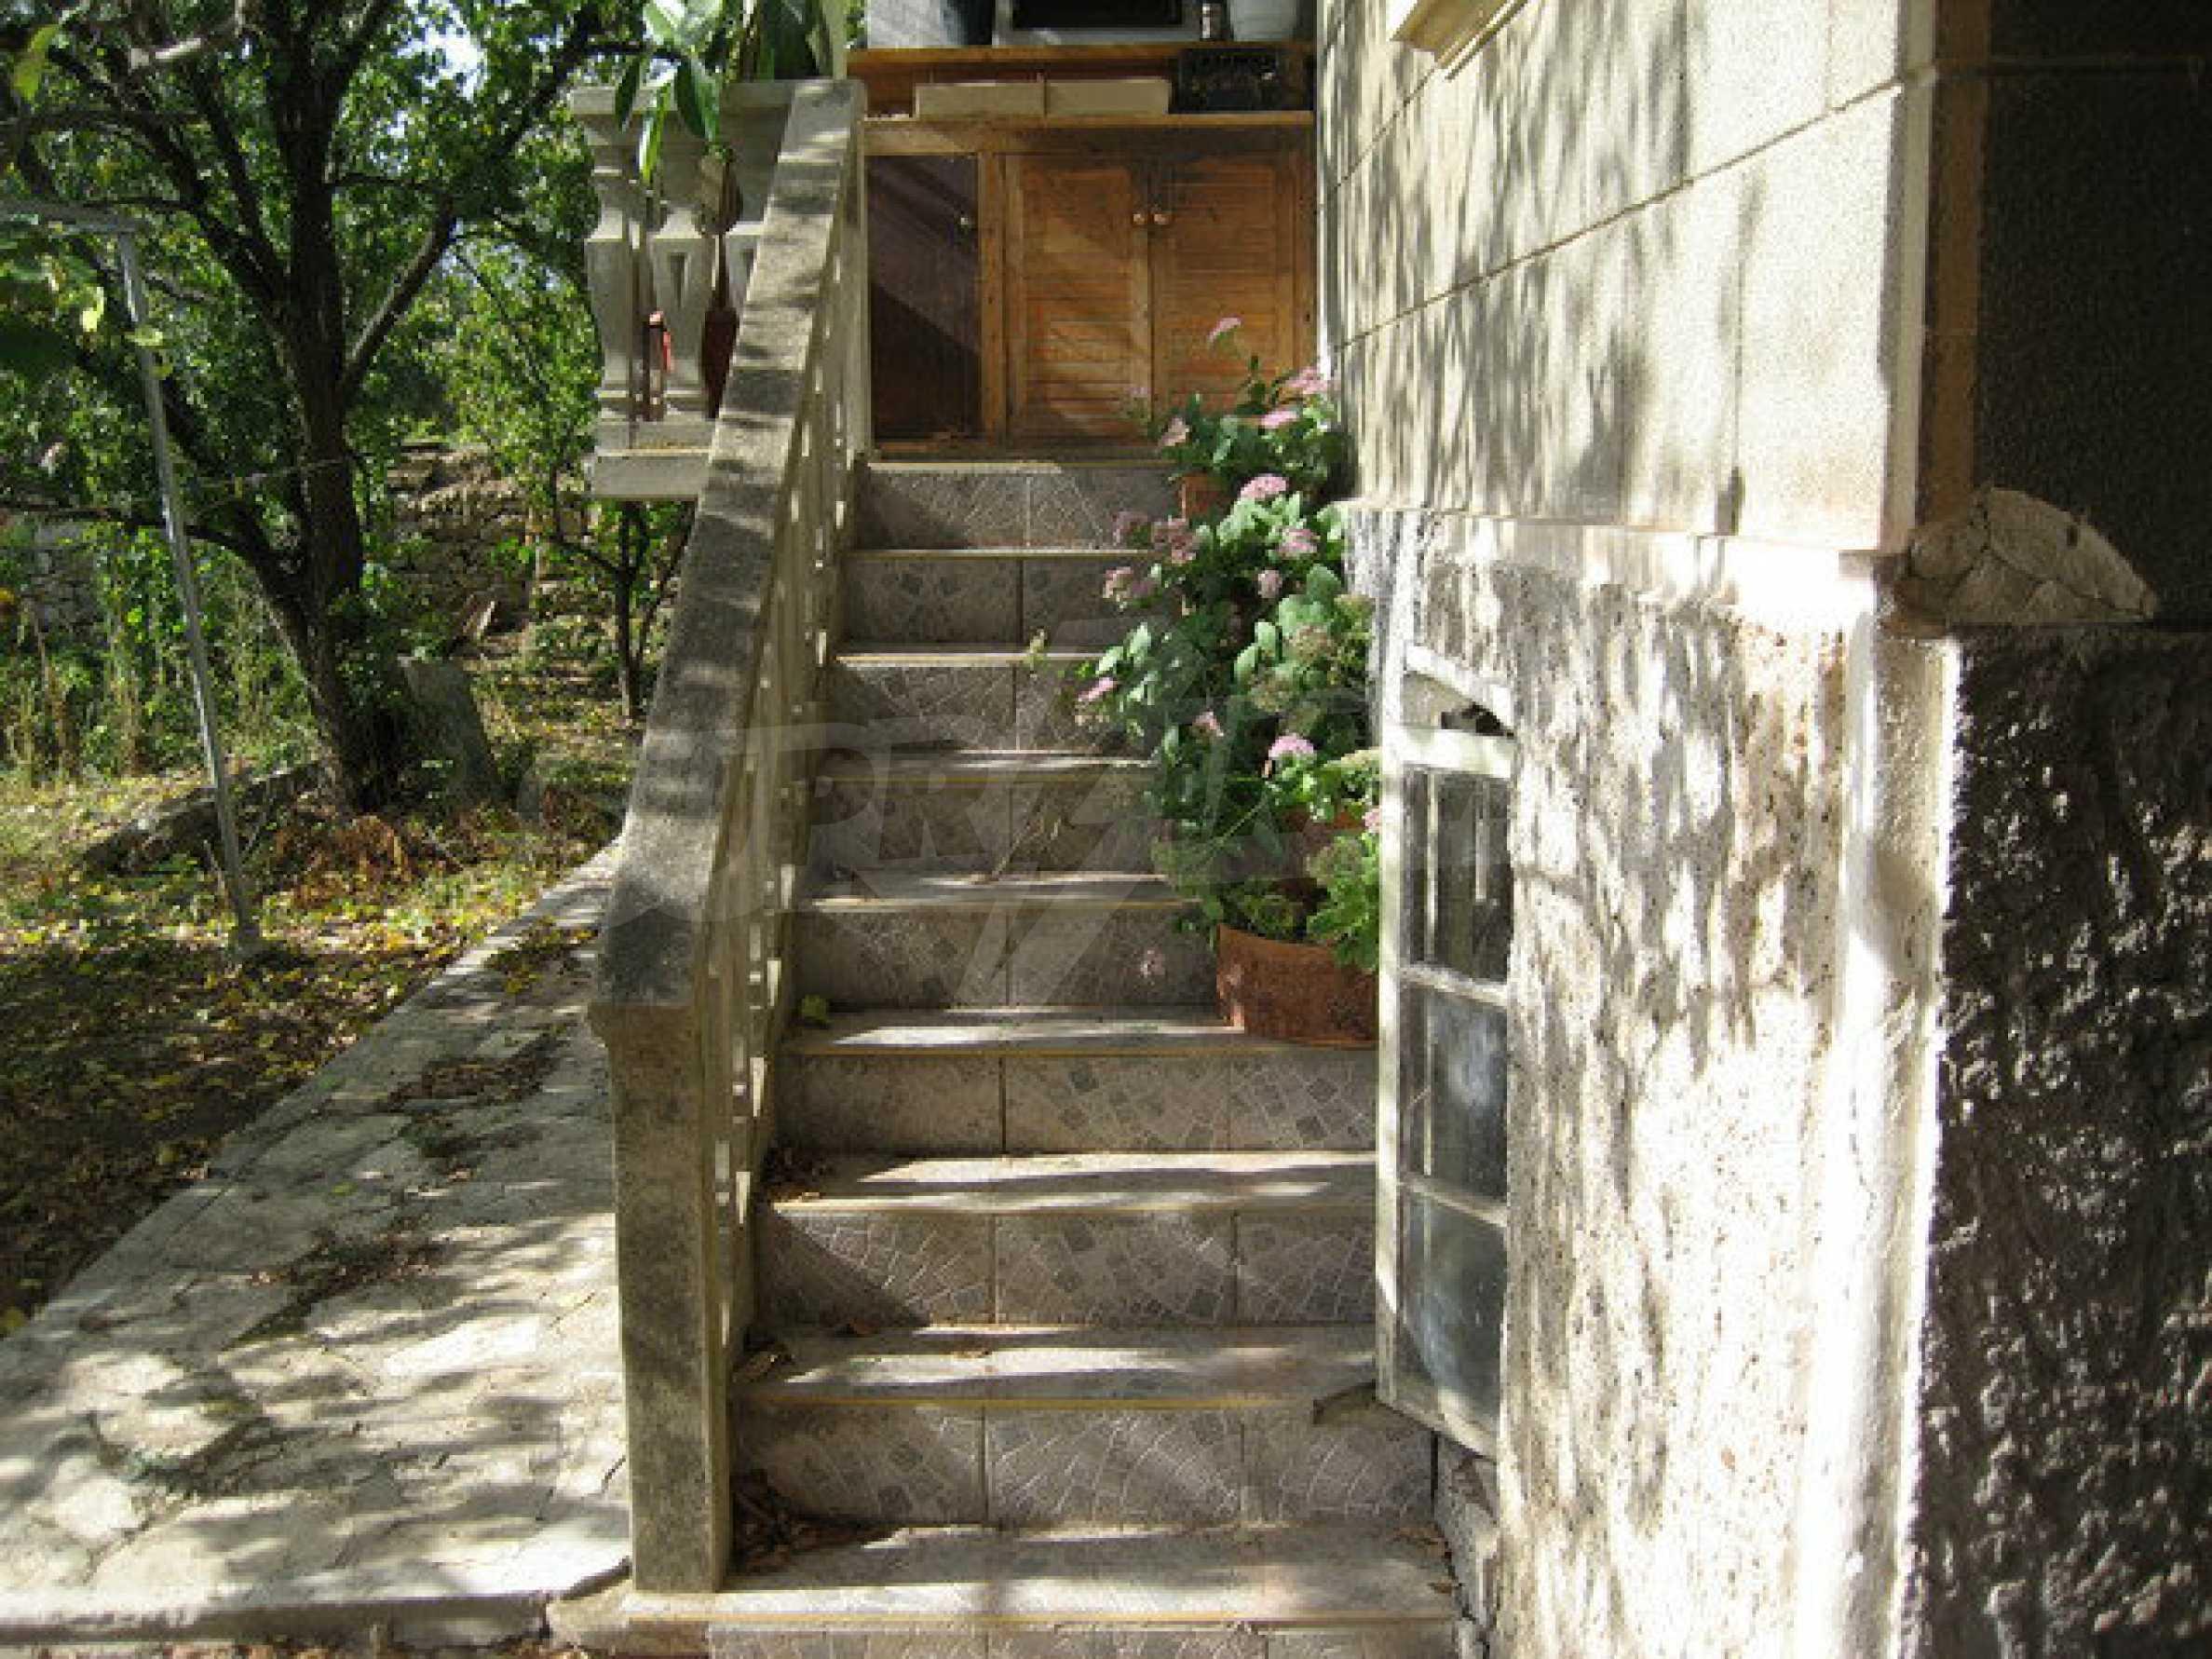 Wohnhaus in einer malerischen Gegend in der Nähe von Veliko Tarnovo 33